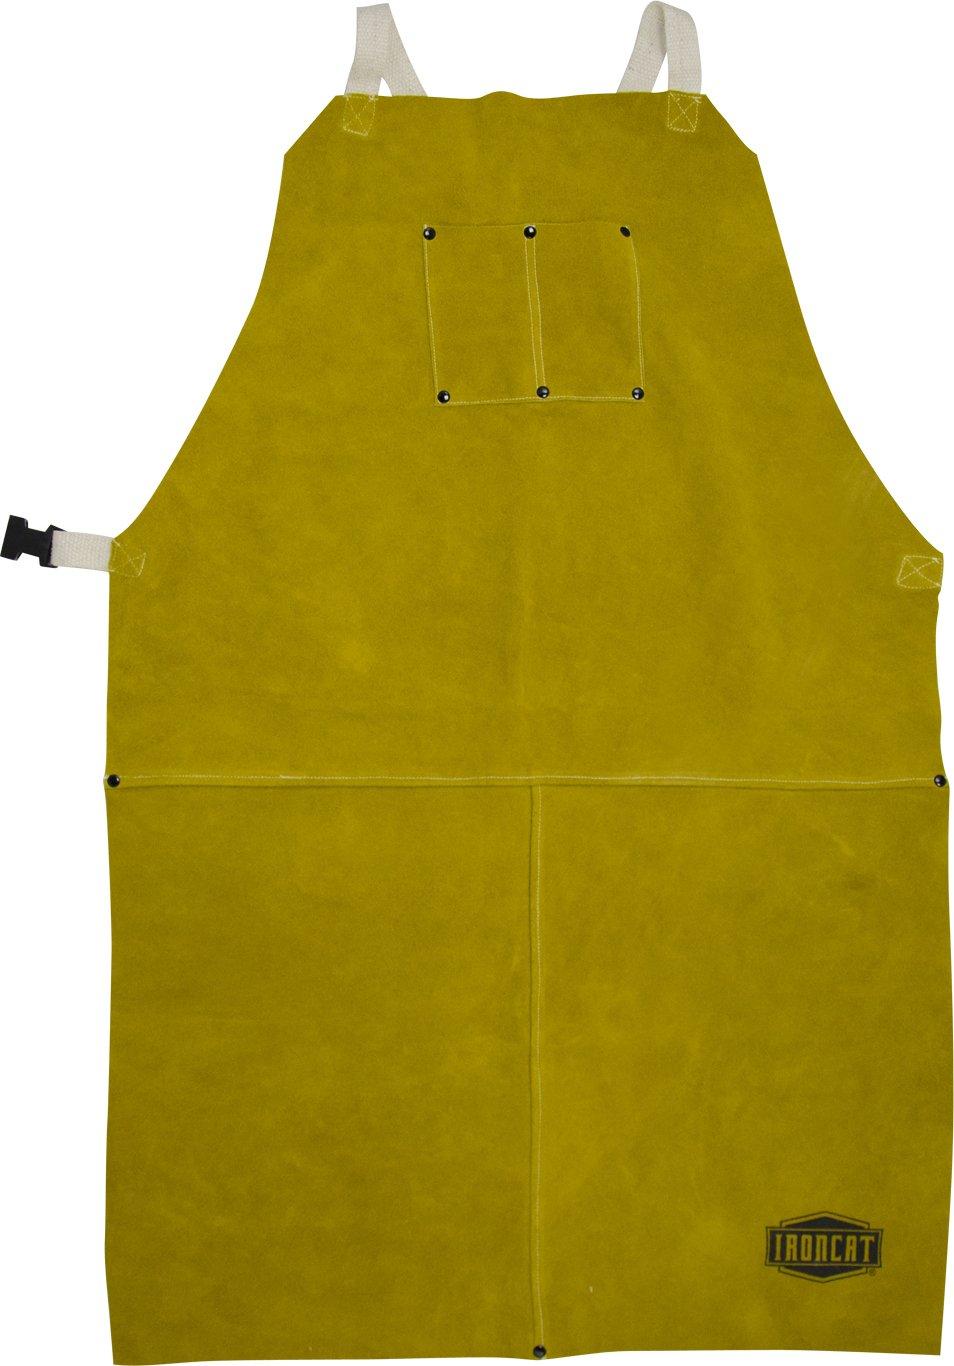 West Chester IRONCAT 7010 Heat Resistant Split Cowhide Leather Welding Bib Apron, 24'' W x 42'' L